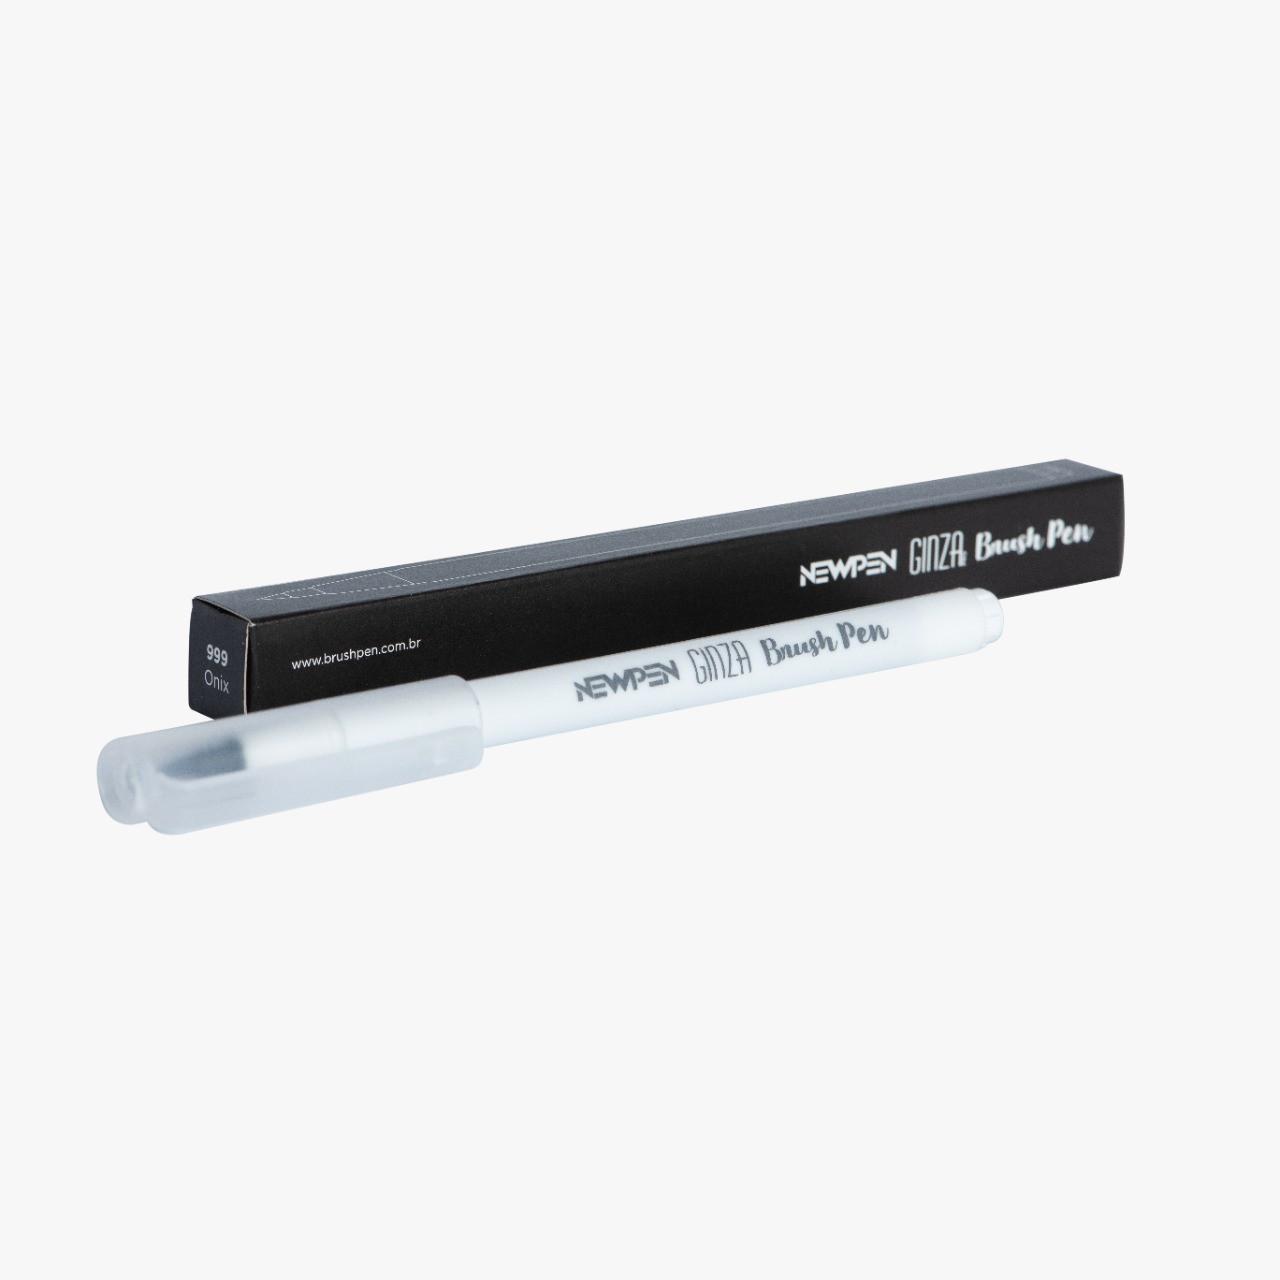 Brush Pen Ginza Pro - Unidade - Newpen